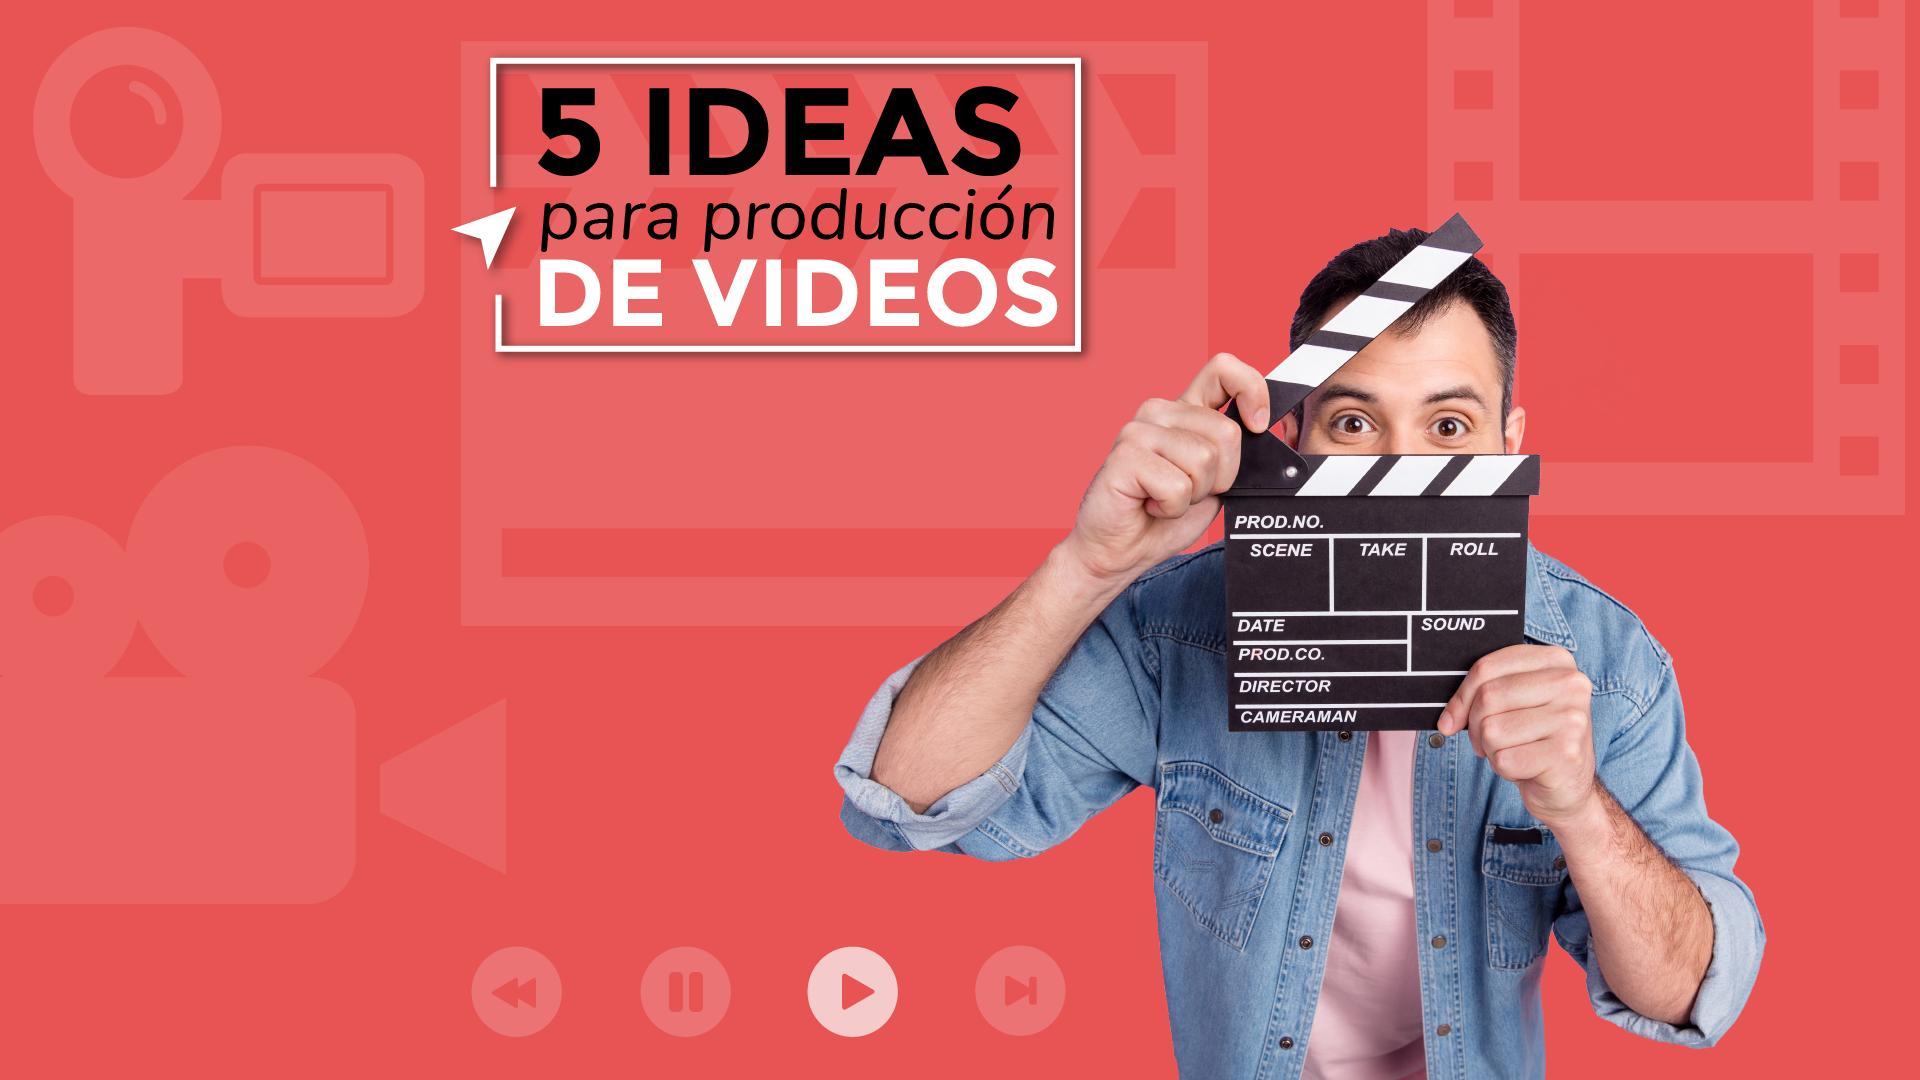 5 ideas para videos para tu negocio